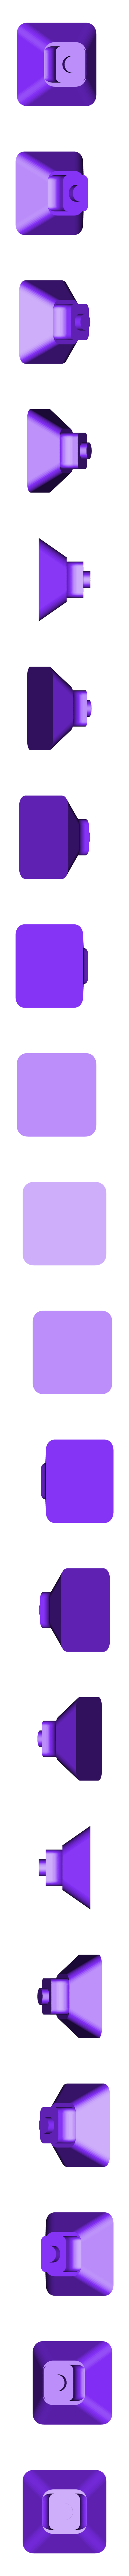 foot_2.stl Télécharger fichier STL gratuit Porte-bobine à filament modulaire • Plan à imprimer en 3D, Qelorliss